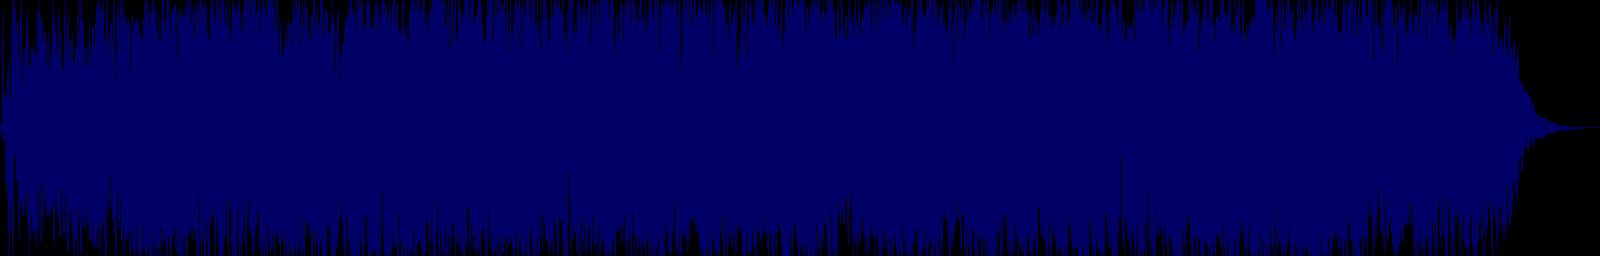 waveform of track #132308